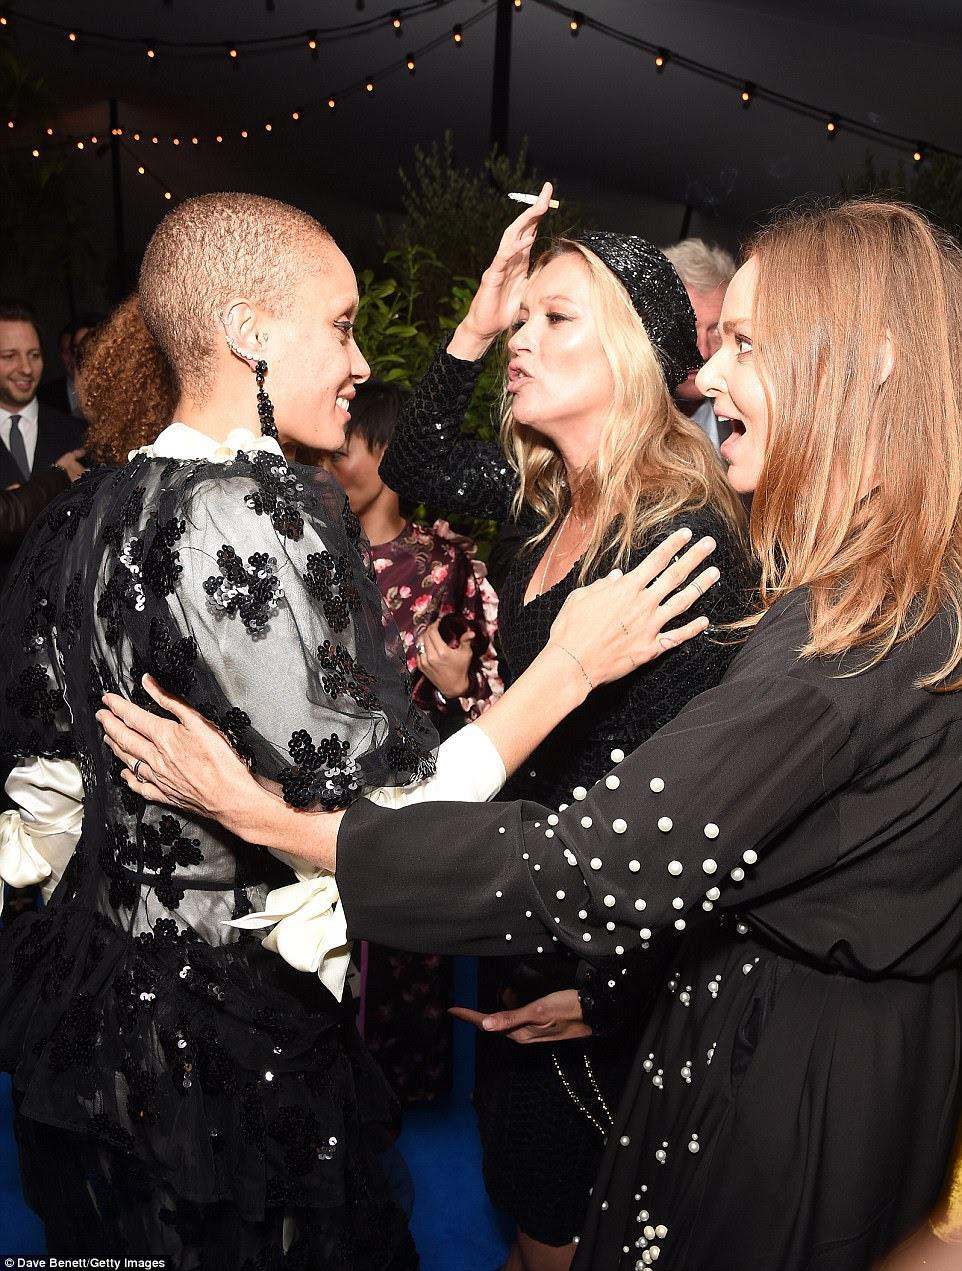 Dicas do topo: o atordoante e voltado a olhar parecia sensacional enquanto conversava com Kate e Stella McCartney - indubitavelmente nabbing dicas do topo